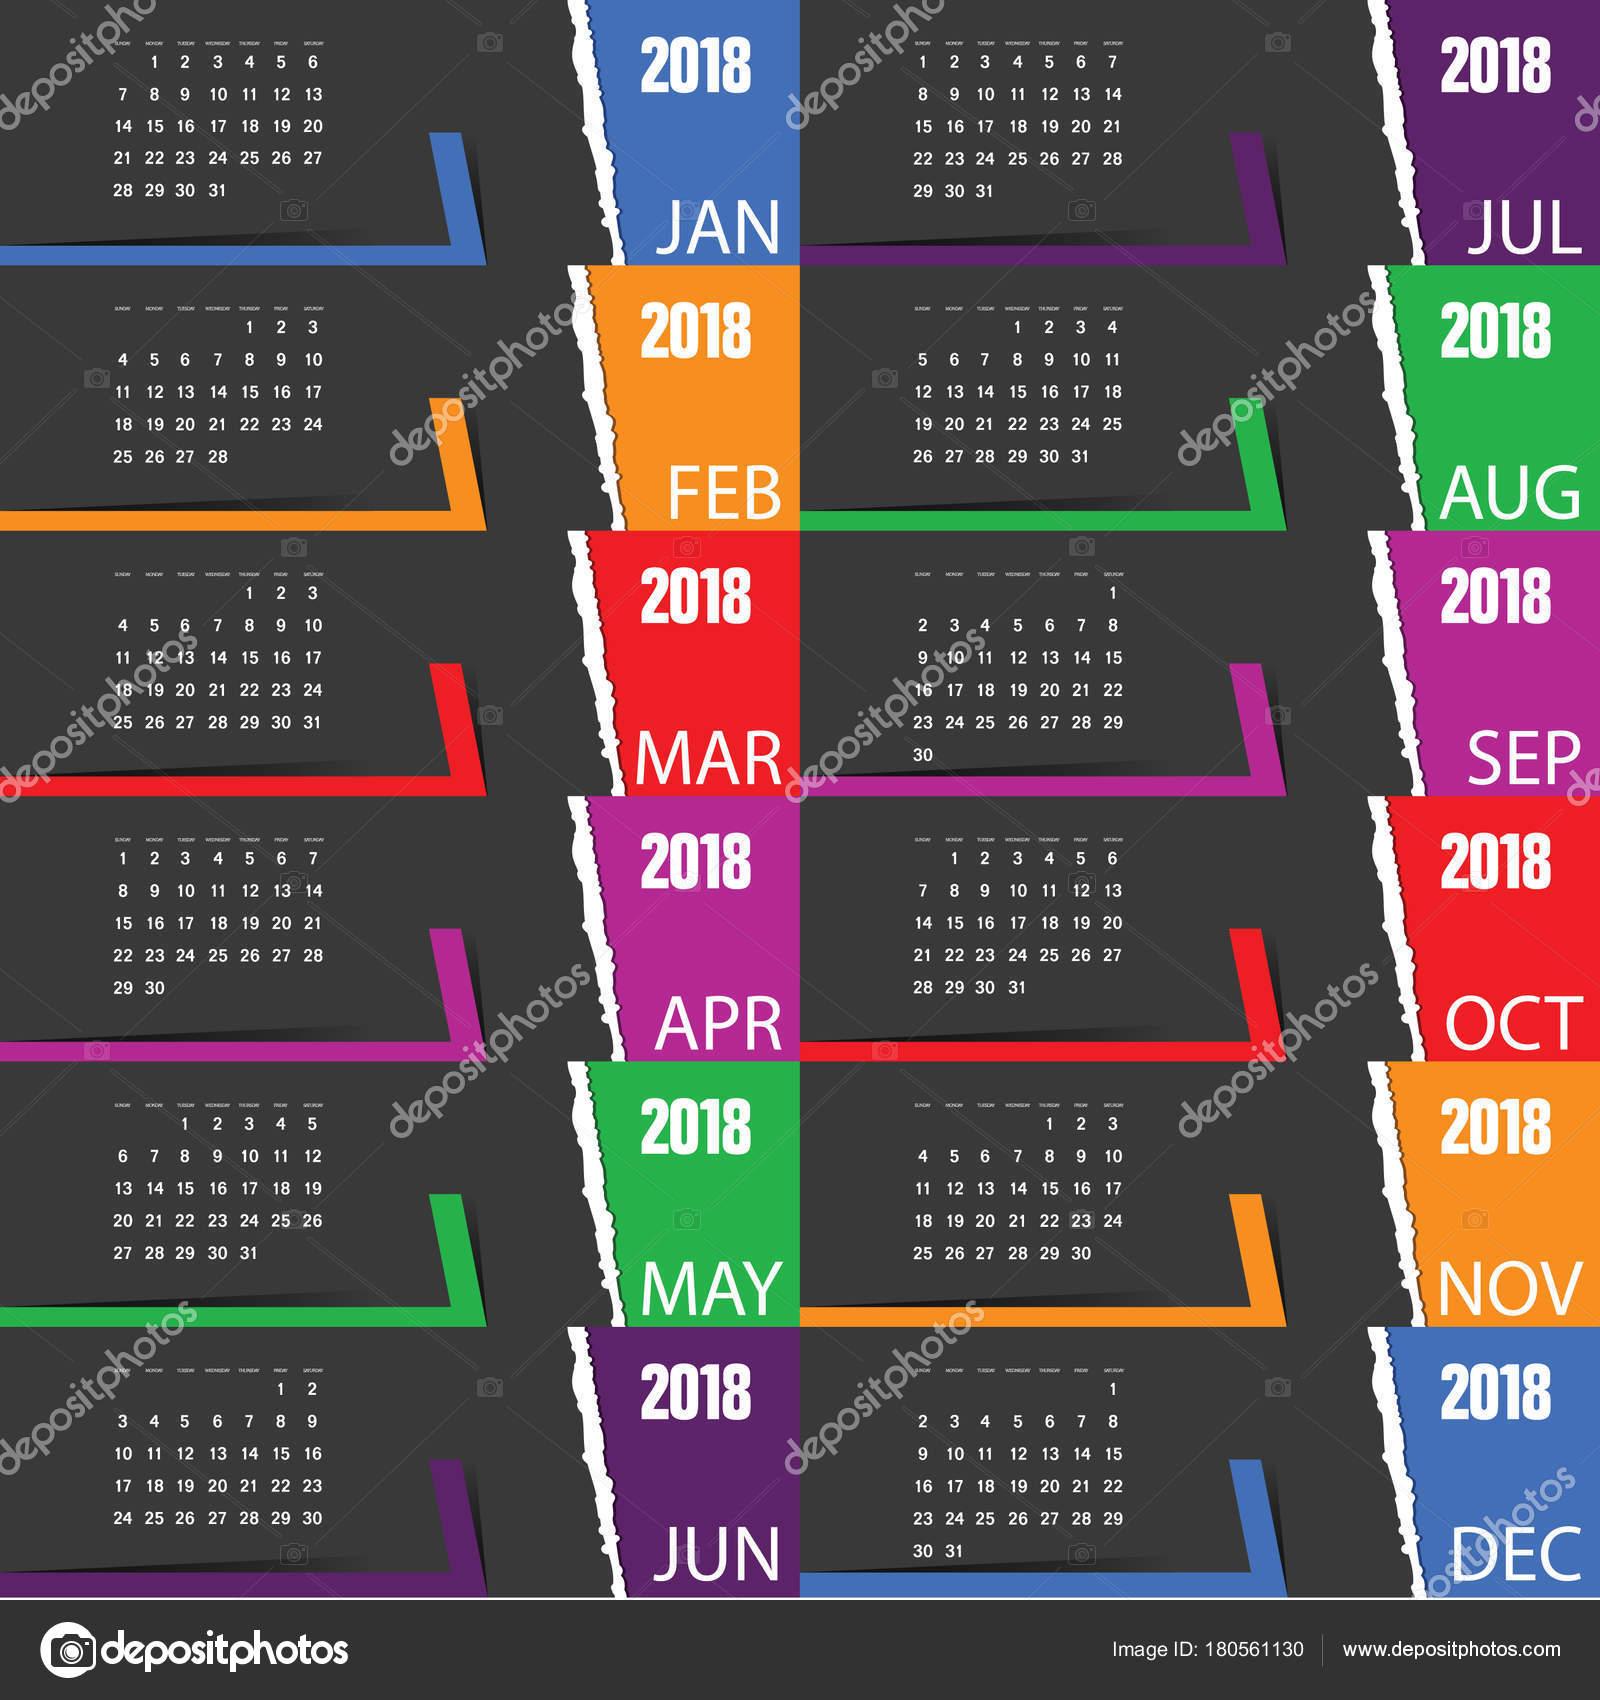 2018 aug calendar